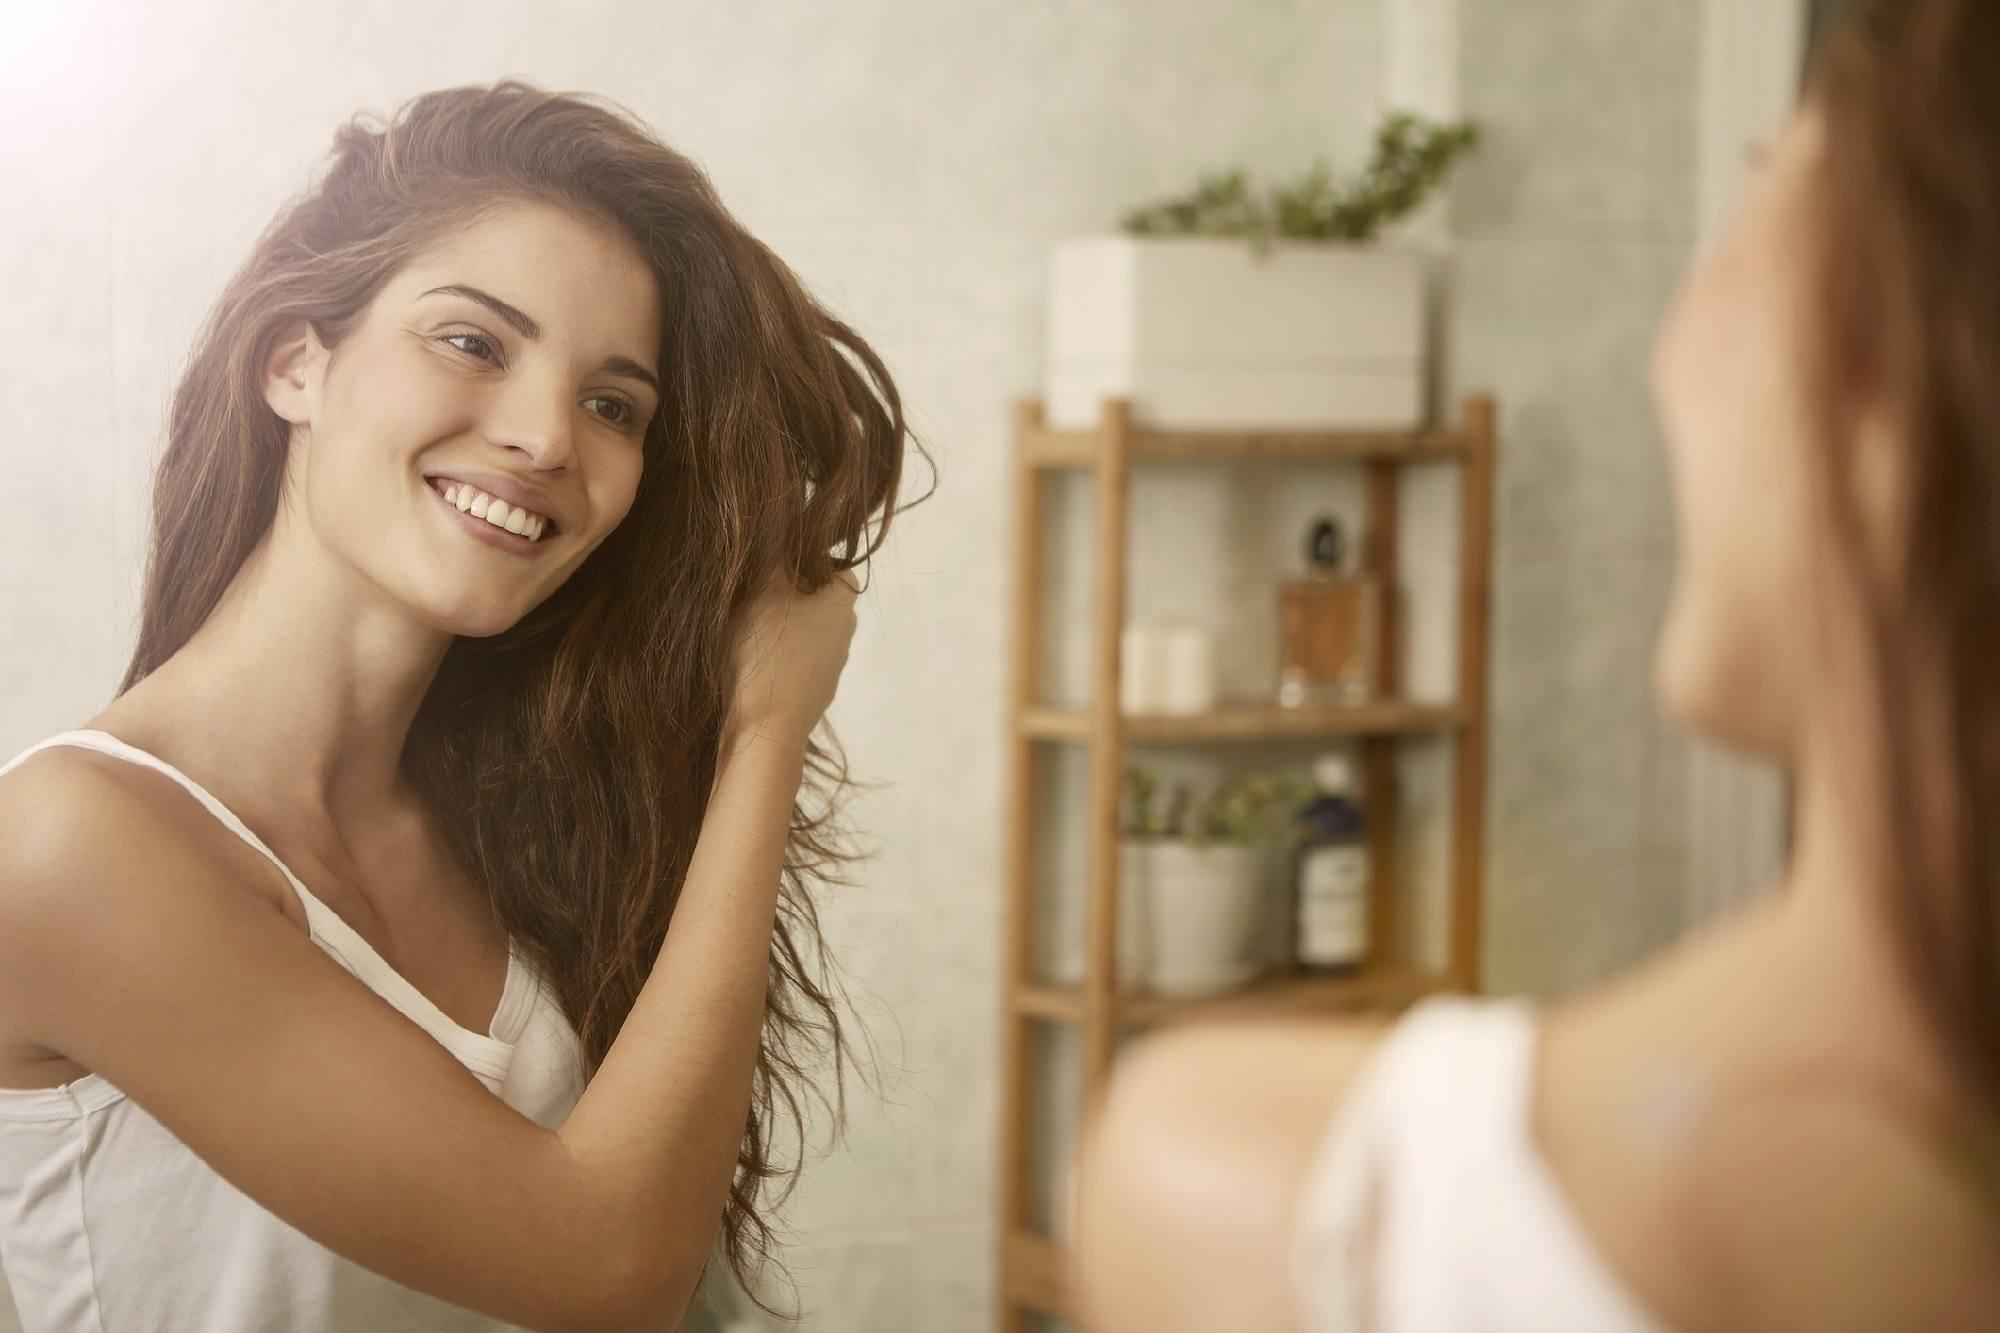 Rainy day hair care tips - Dry your hair